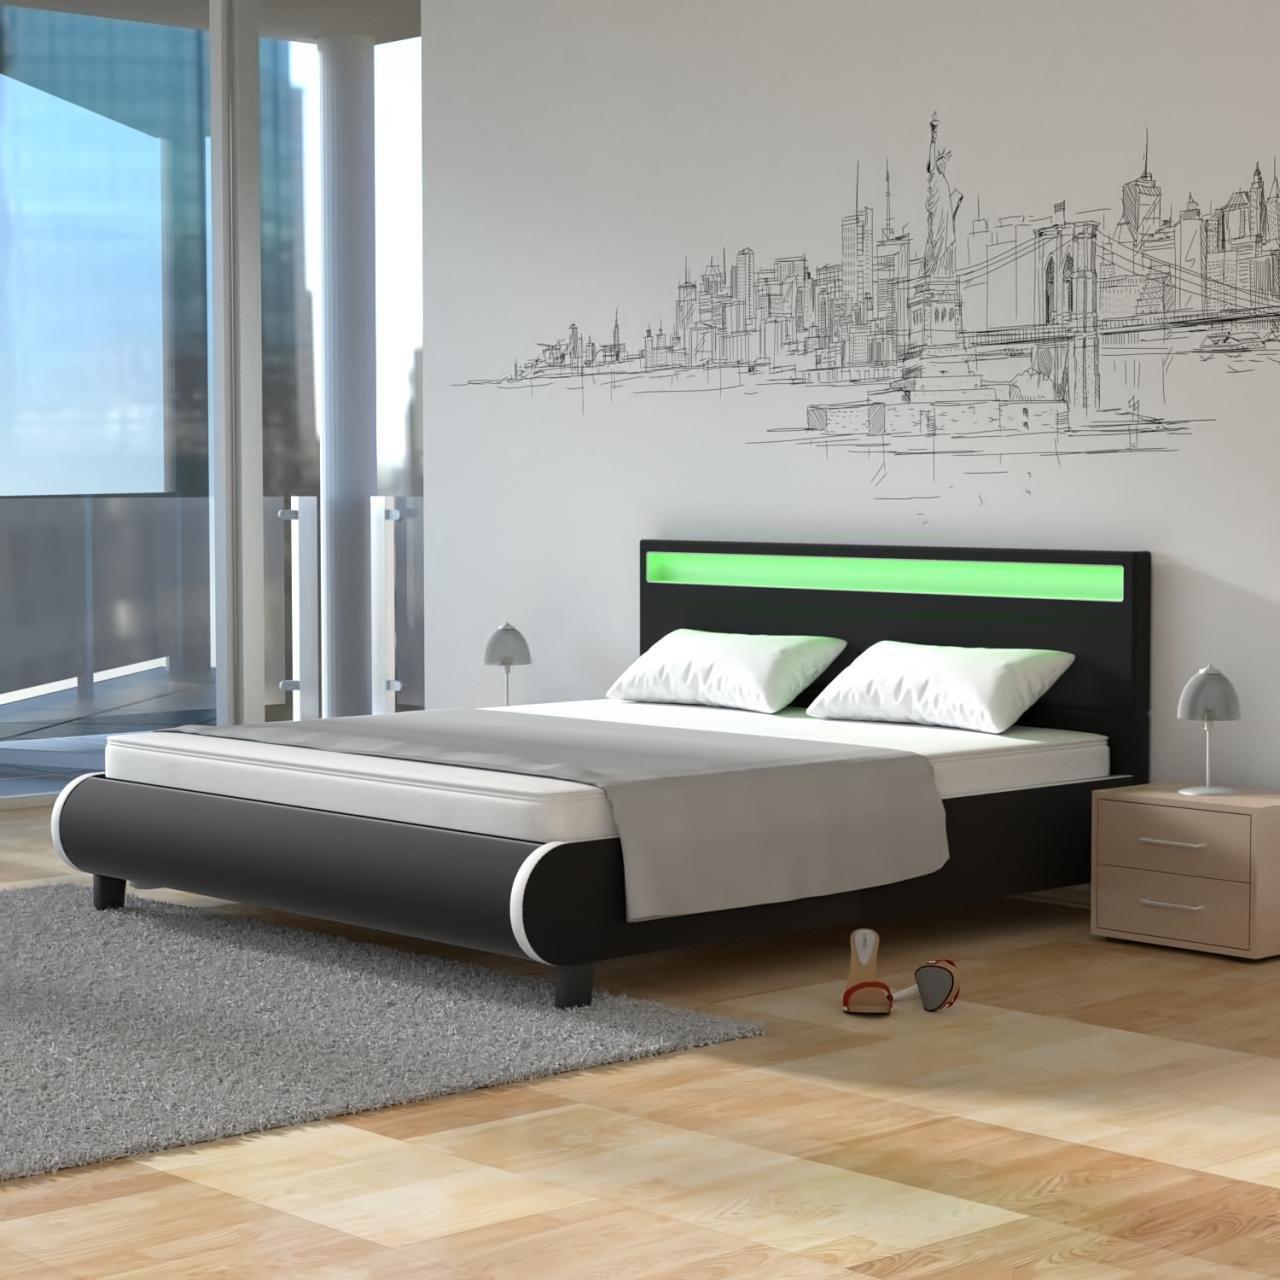 Homelux LED Bett Polsterbett Kunstlederbett Doppelbett Bettgestell ...